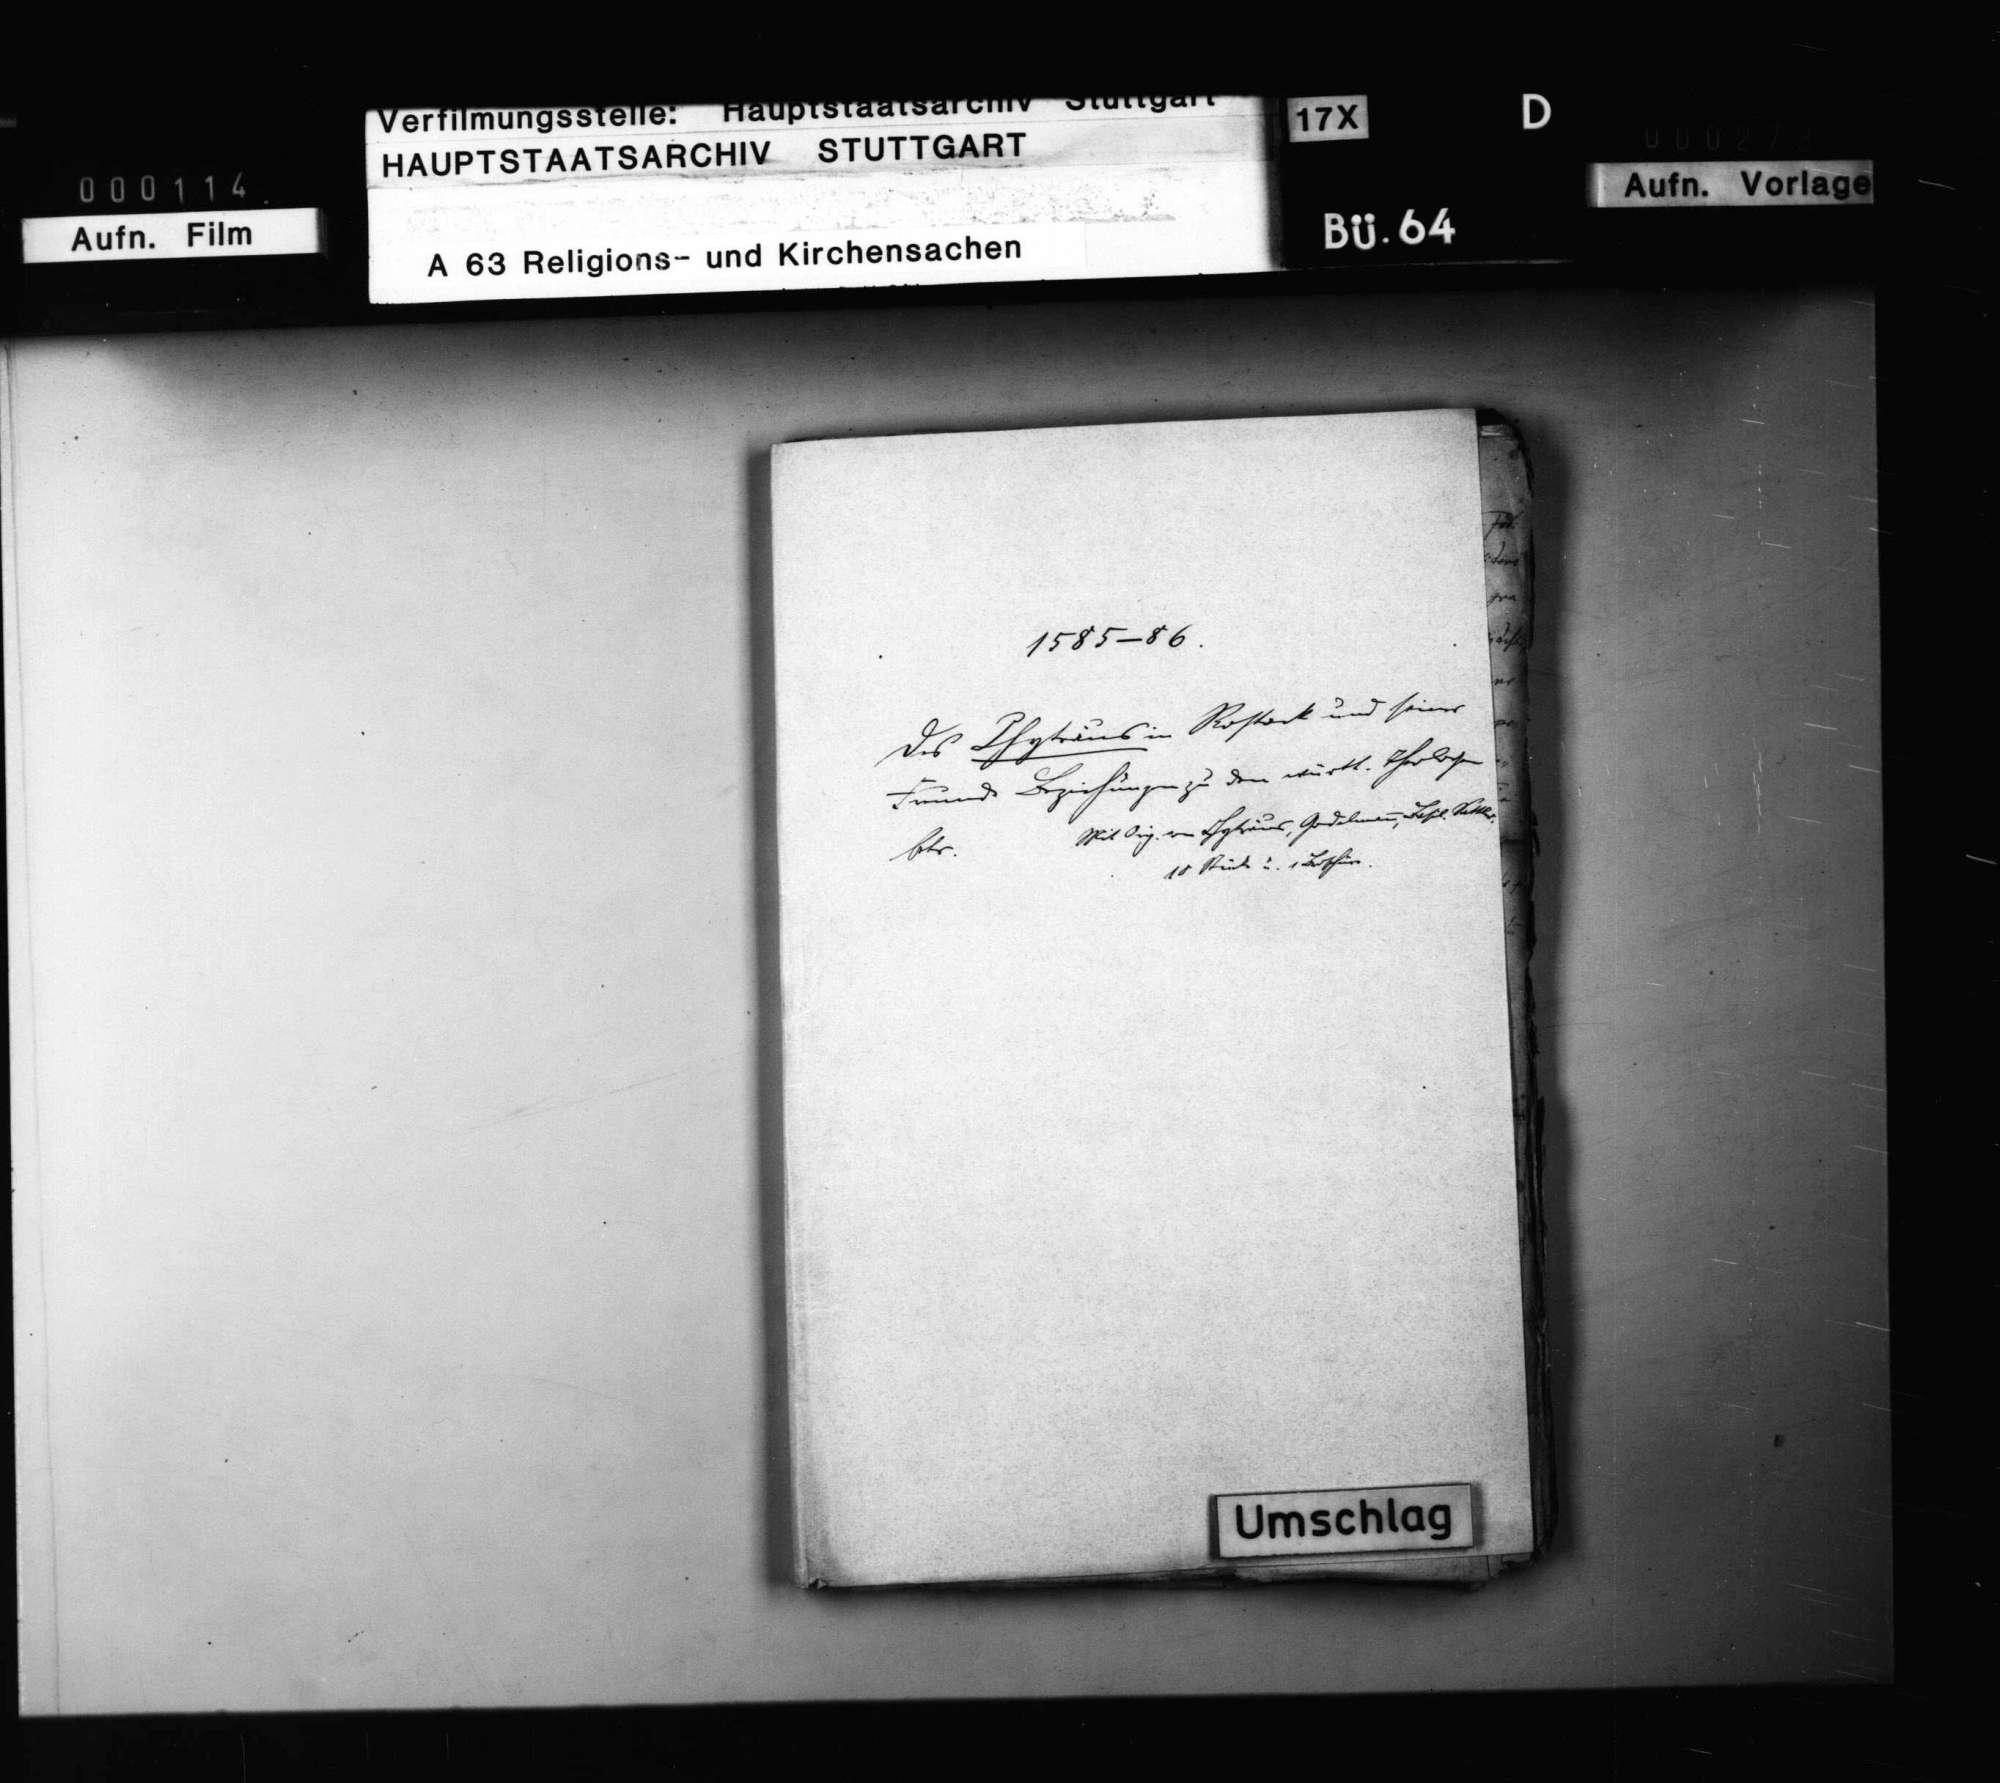 Schriften, des Chyträus in Rostock und seiner Freunde Beziehungen zu den württembergischen Theologen betreffend., Bild 1